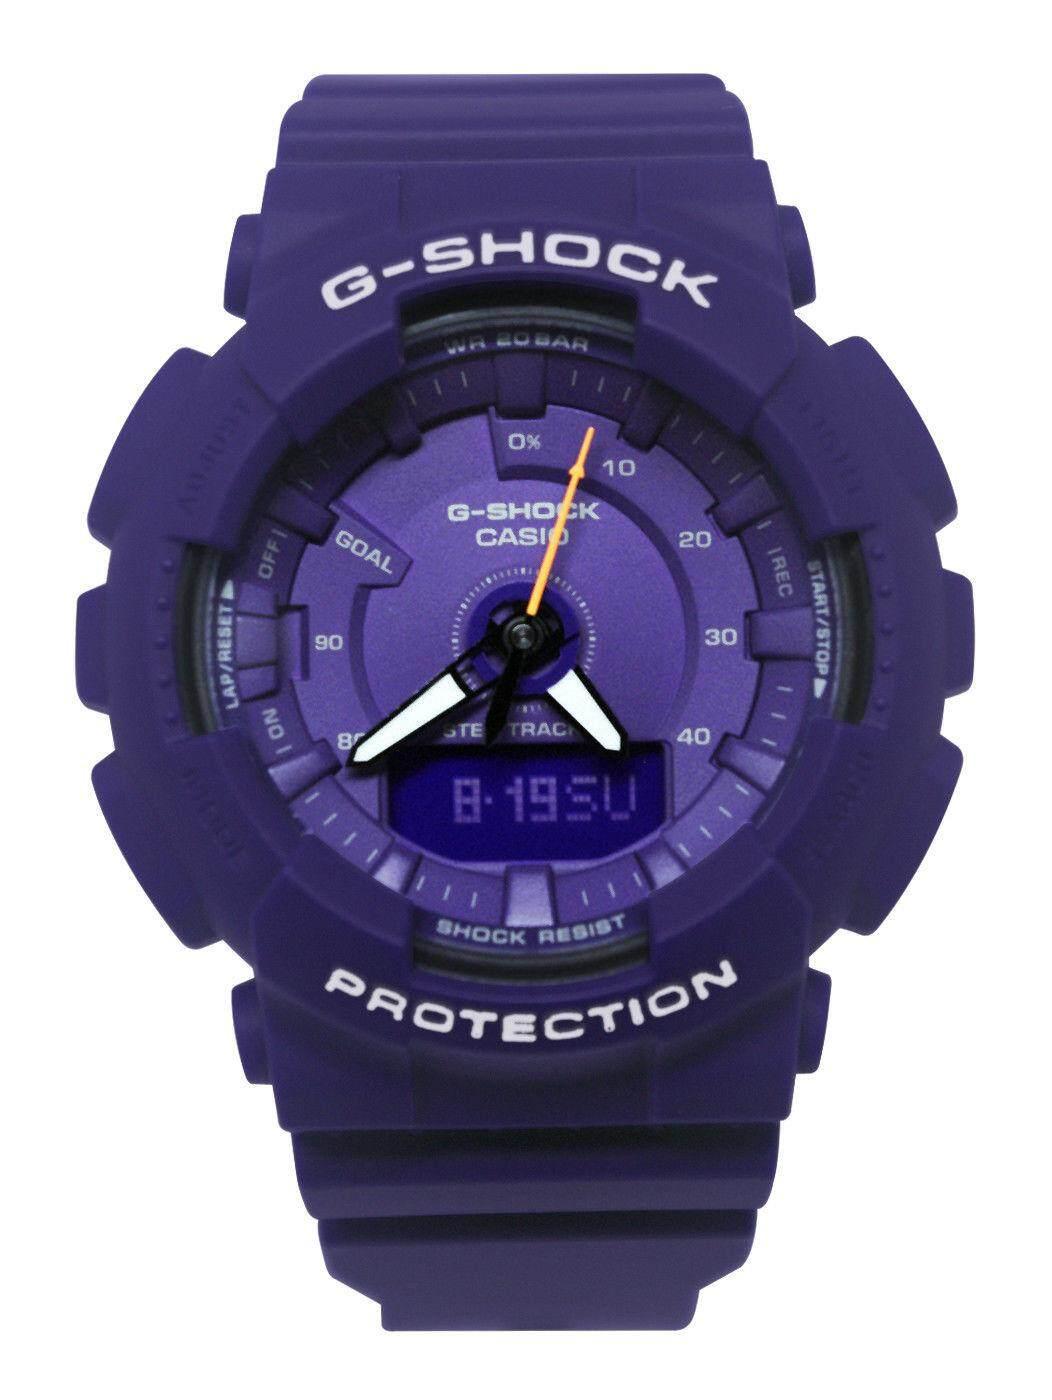 มหาสารคาม 【 STOCK】Original _ Casio_G-Shock S-Series GMAS130 Duo W/เวลา 200M กันน้ำกันกระแทกและกันน้ำโลกเครื่องมือวัดจำนวนก้าวกีฬานาฬิกา LED ไฟเปิดปิดอัตโนมัติ Wist นาฬิกากีฬาสำหรับ